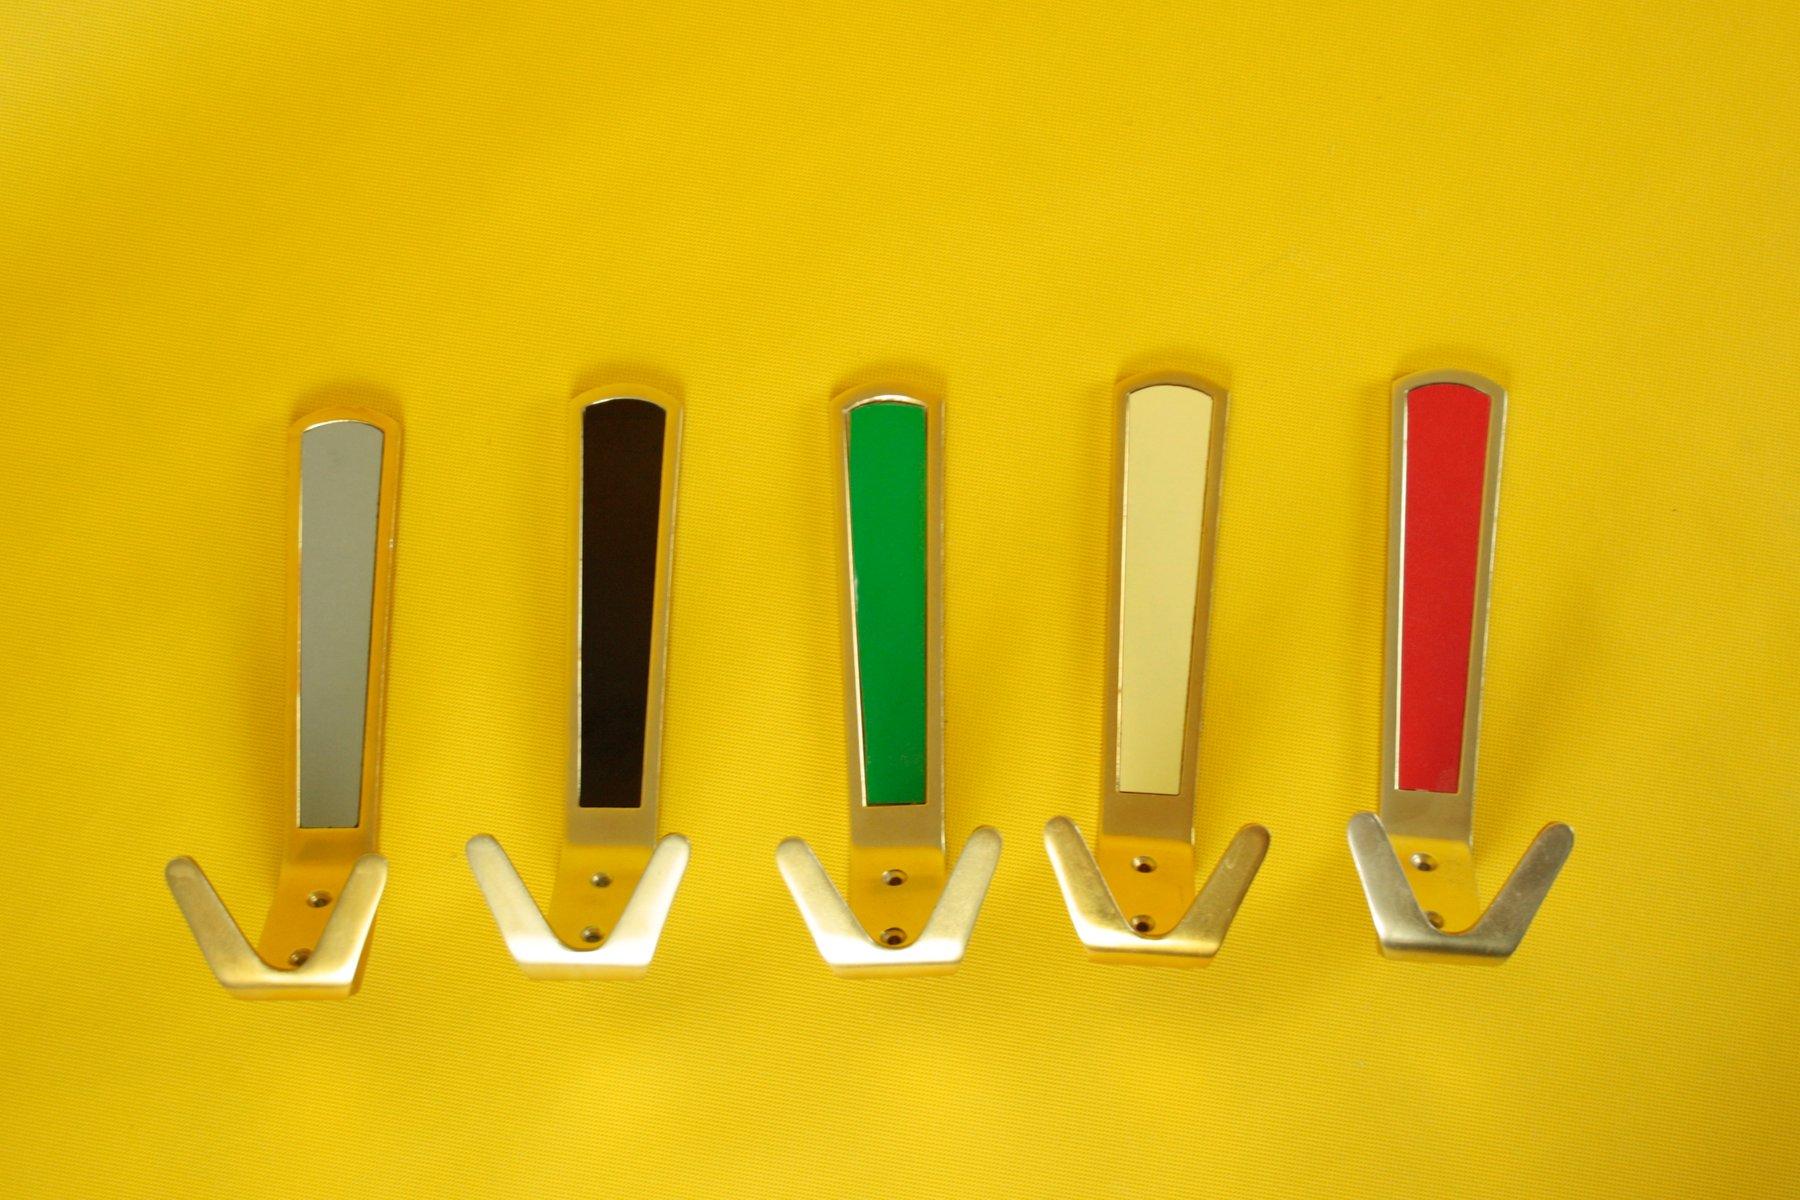 Anodized Aluminum Coat Hooks, 1960s, Set of 5 for sale at Pamono